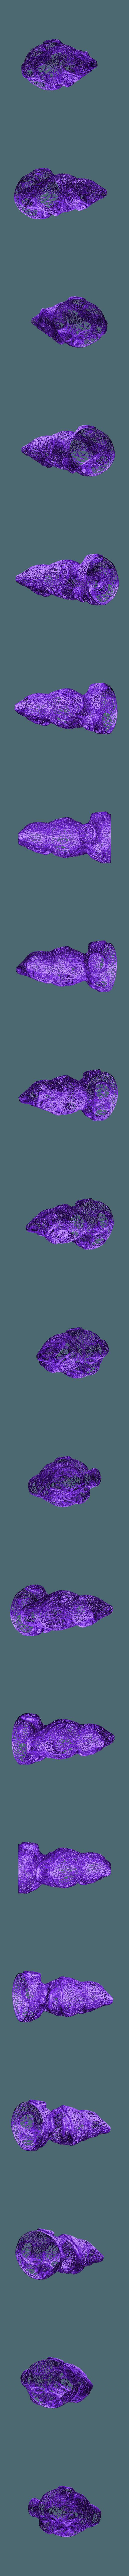 OwlVoronoi.stl Télécharger fichier STL gratuit Numérisation 3D de la statue de hibou (style Voronoï) • Objet à imprimer en 3D, 3DWP